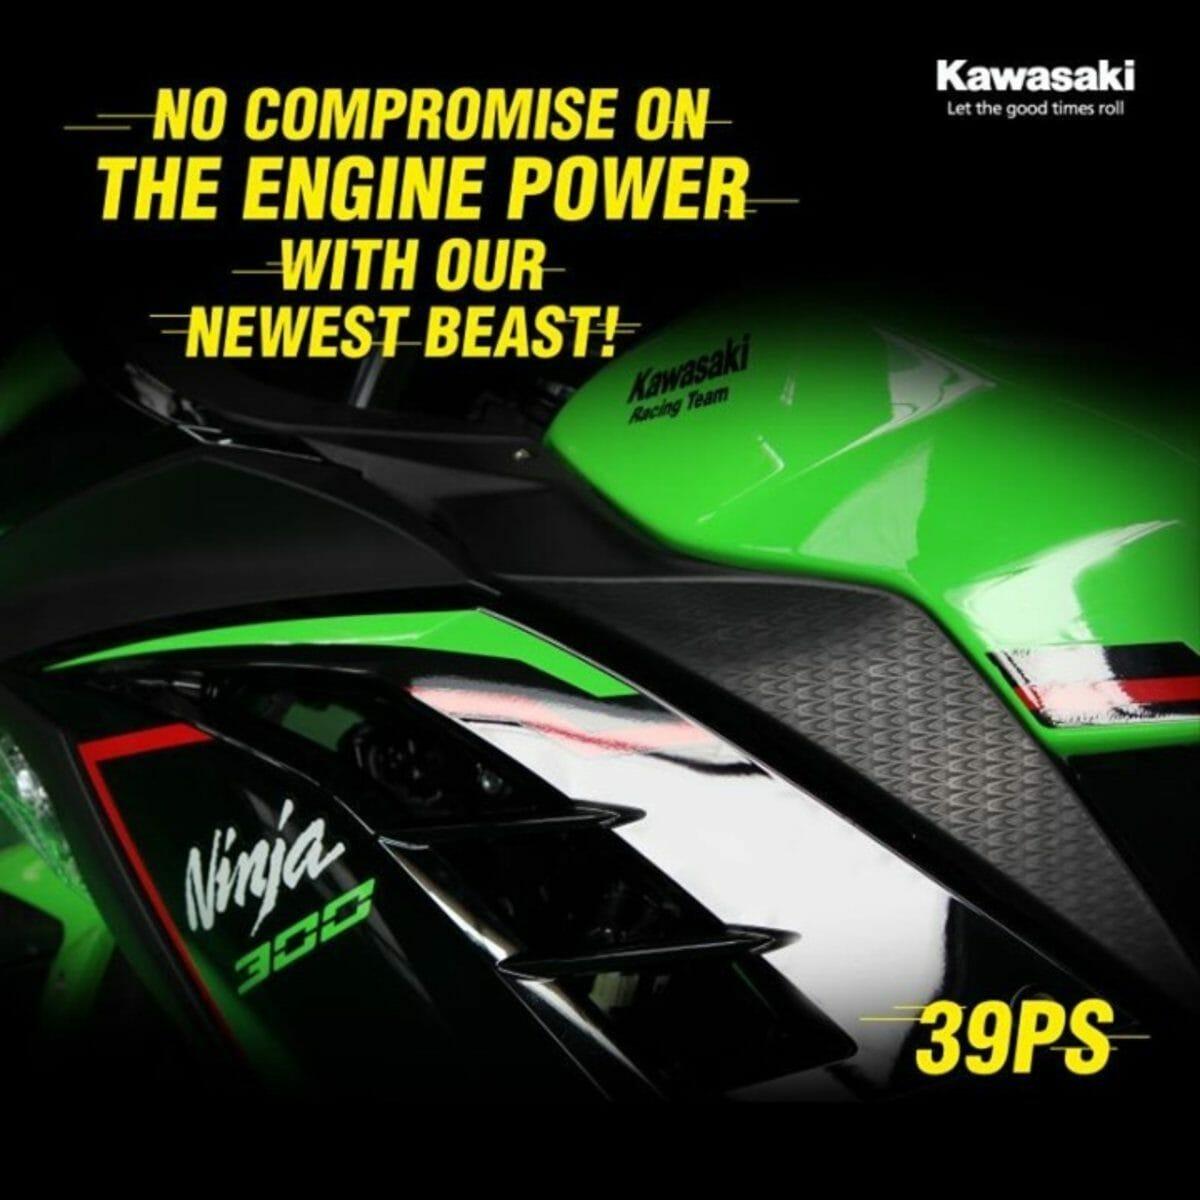 BS6 Kawasaki Ninja 300 teased